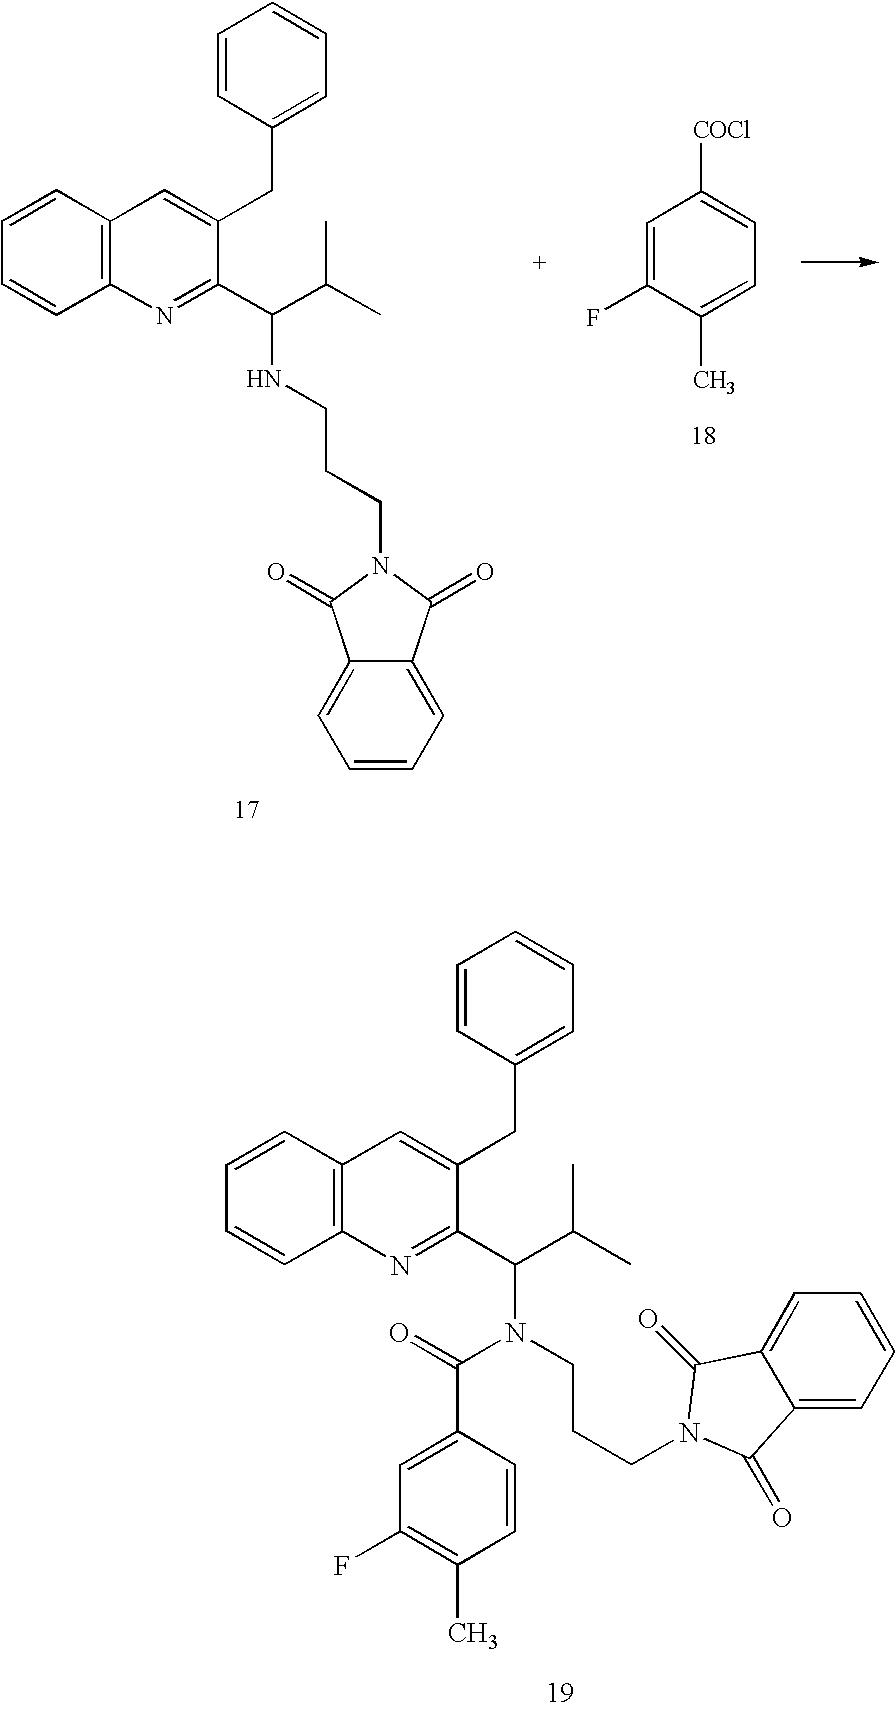 Figure US07452996-20081118-C00014